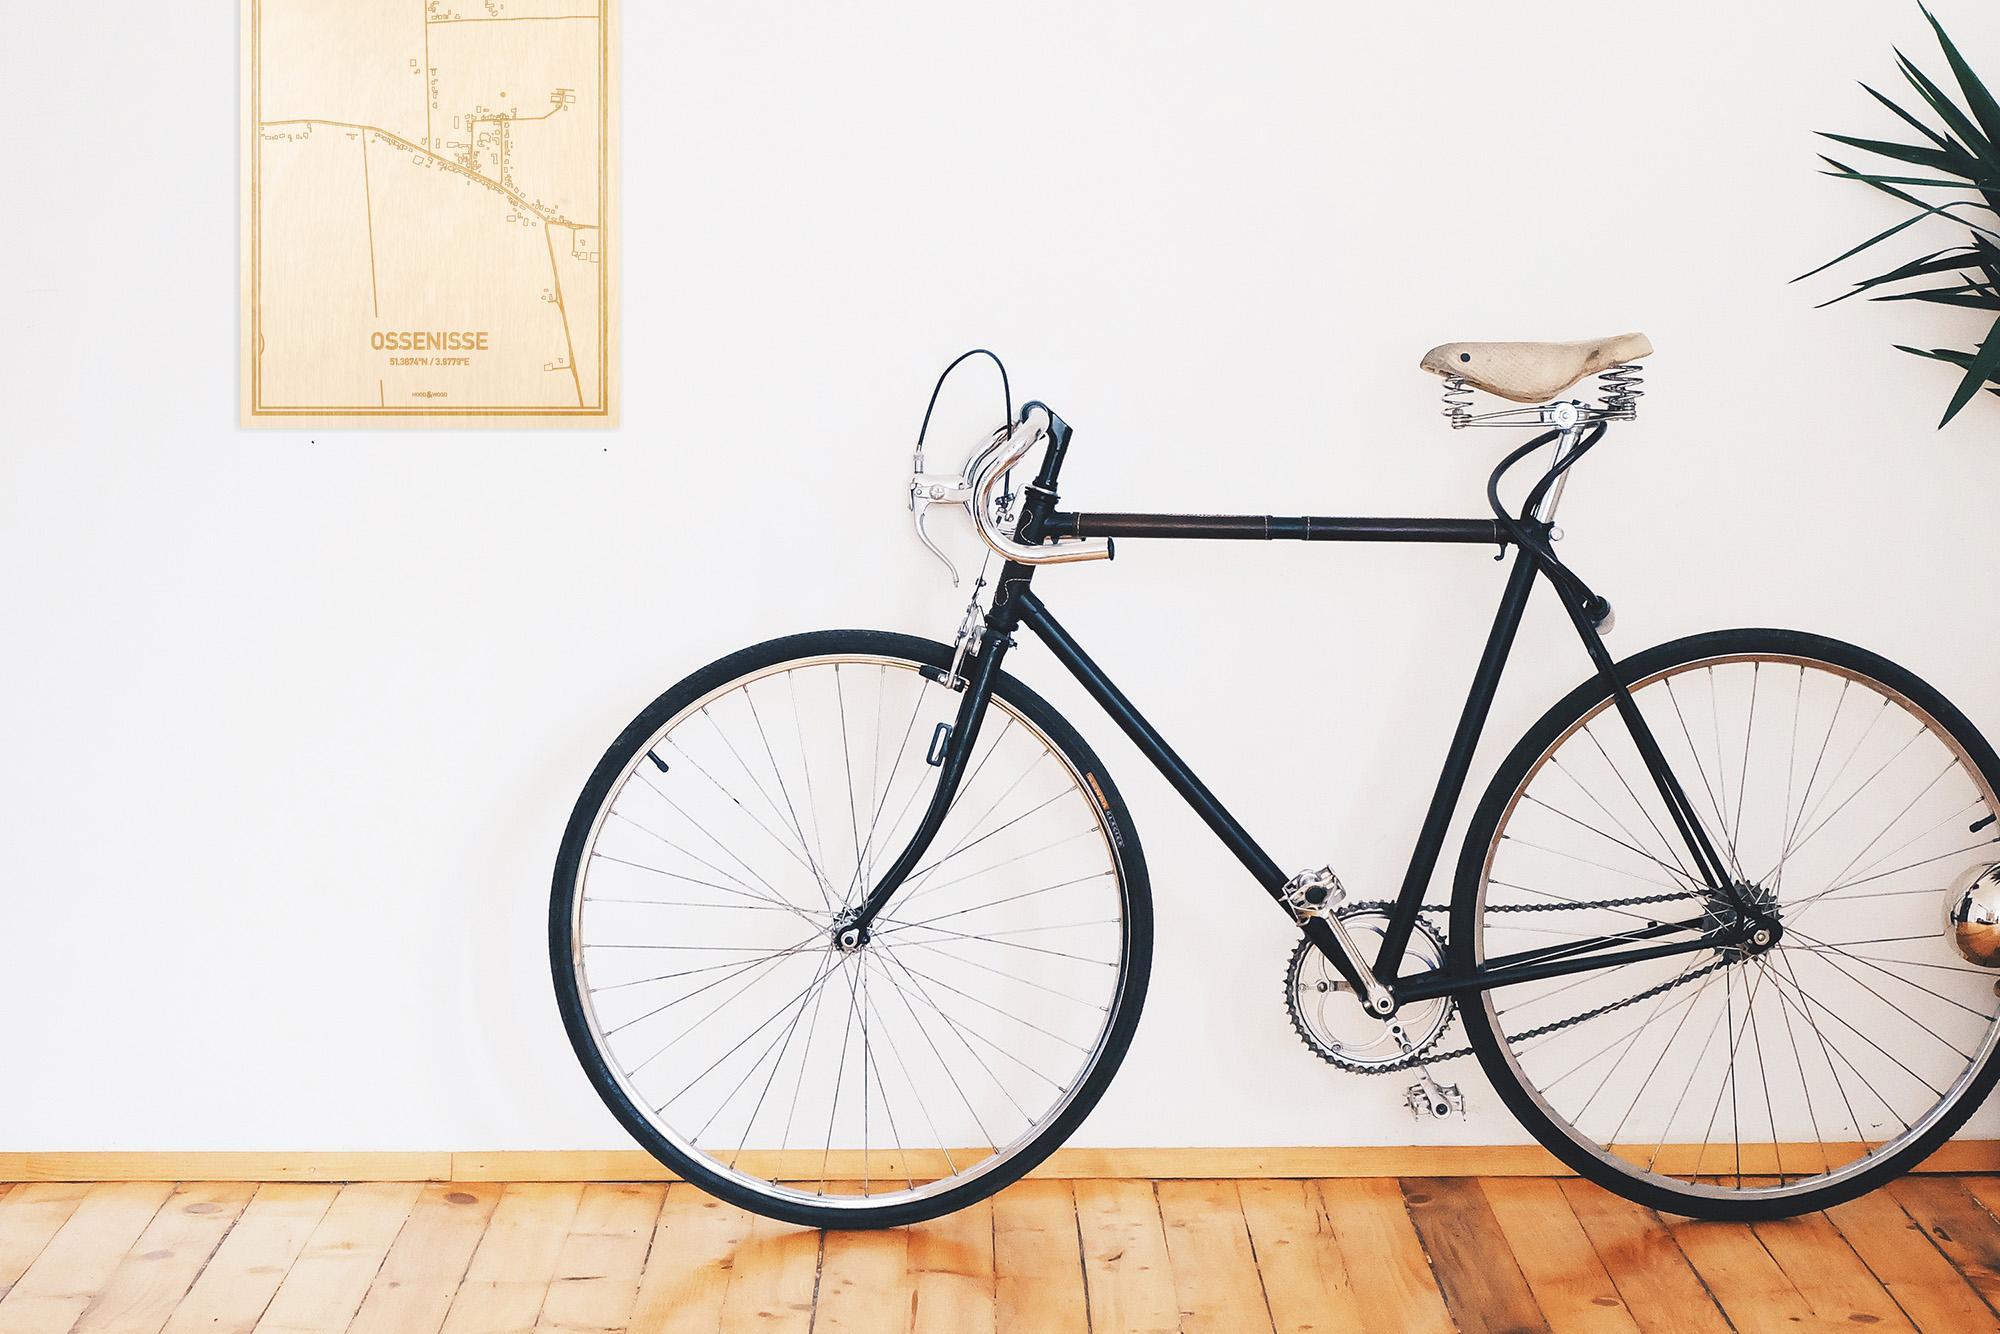 Een snelle fiets in een uniek interieur in Zeeland met mooie decoratie zoals de plattegrond Ossenisse.